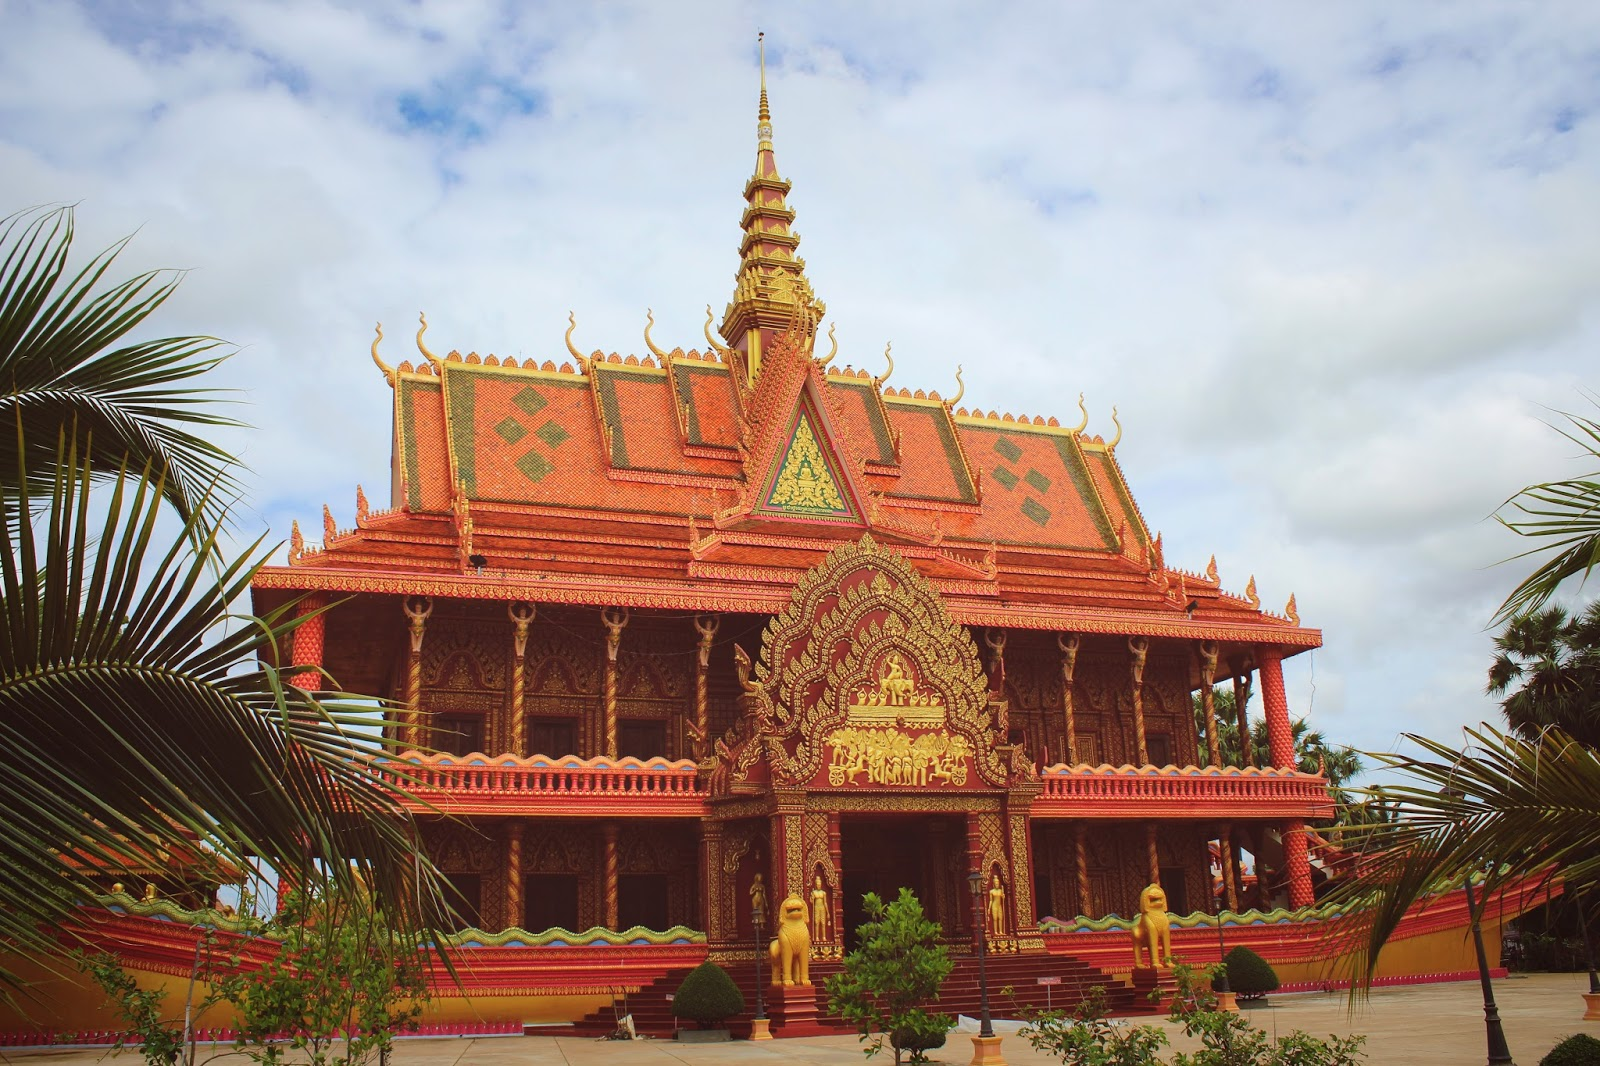 Dịch vụ vận tải Trucking giá siêu ưu đãi từ Đồng Nai đến Kampong Cham